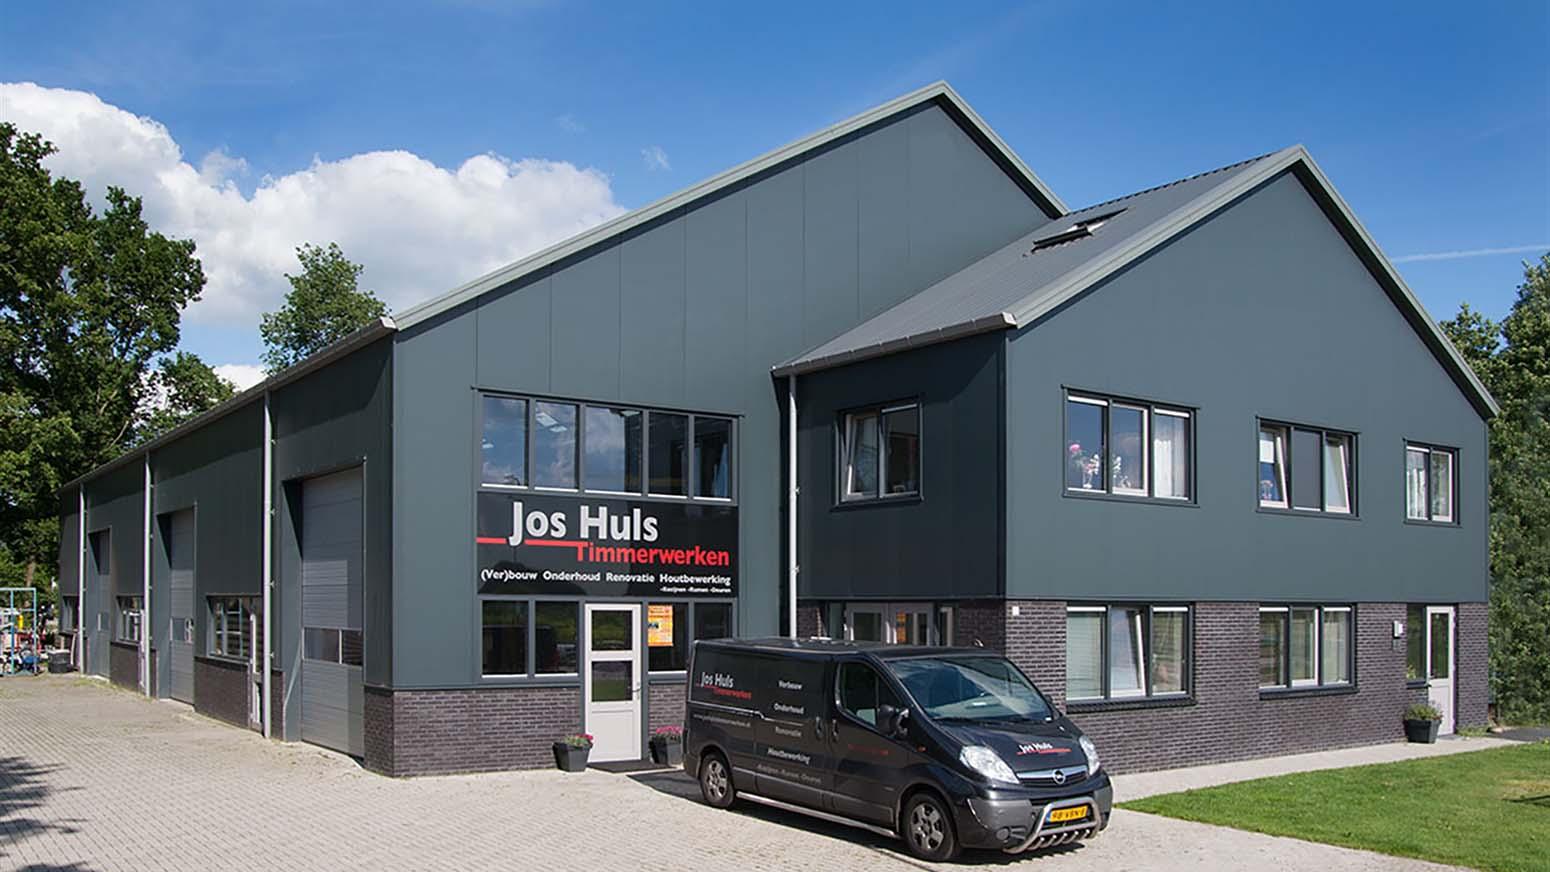 Voorzijde bedrijfspand en busje van Jos Huls Timmerwerken B.V. in Nijeveen